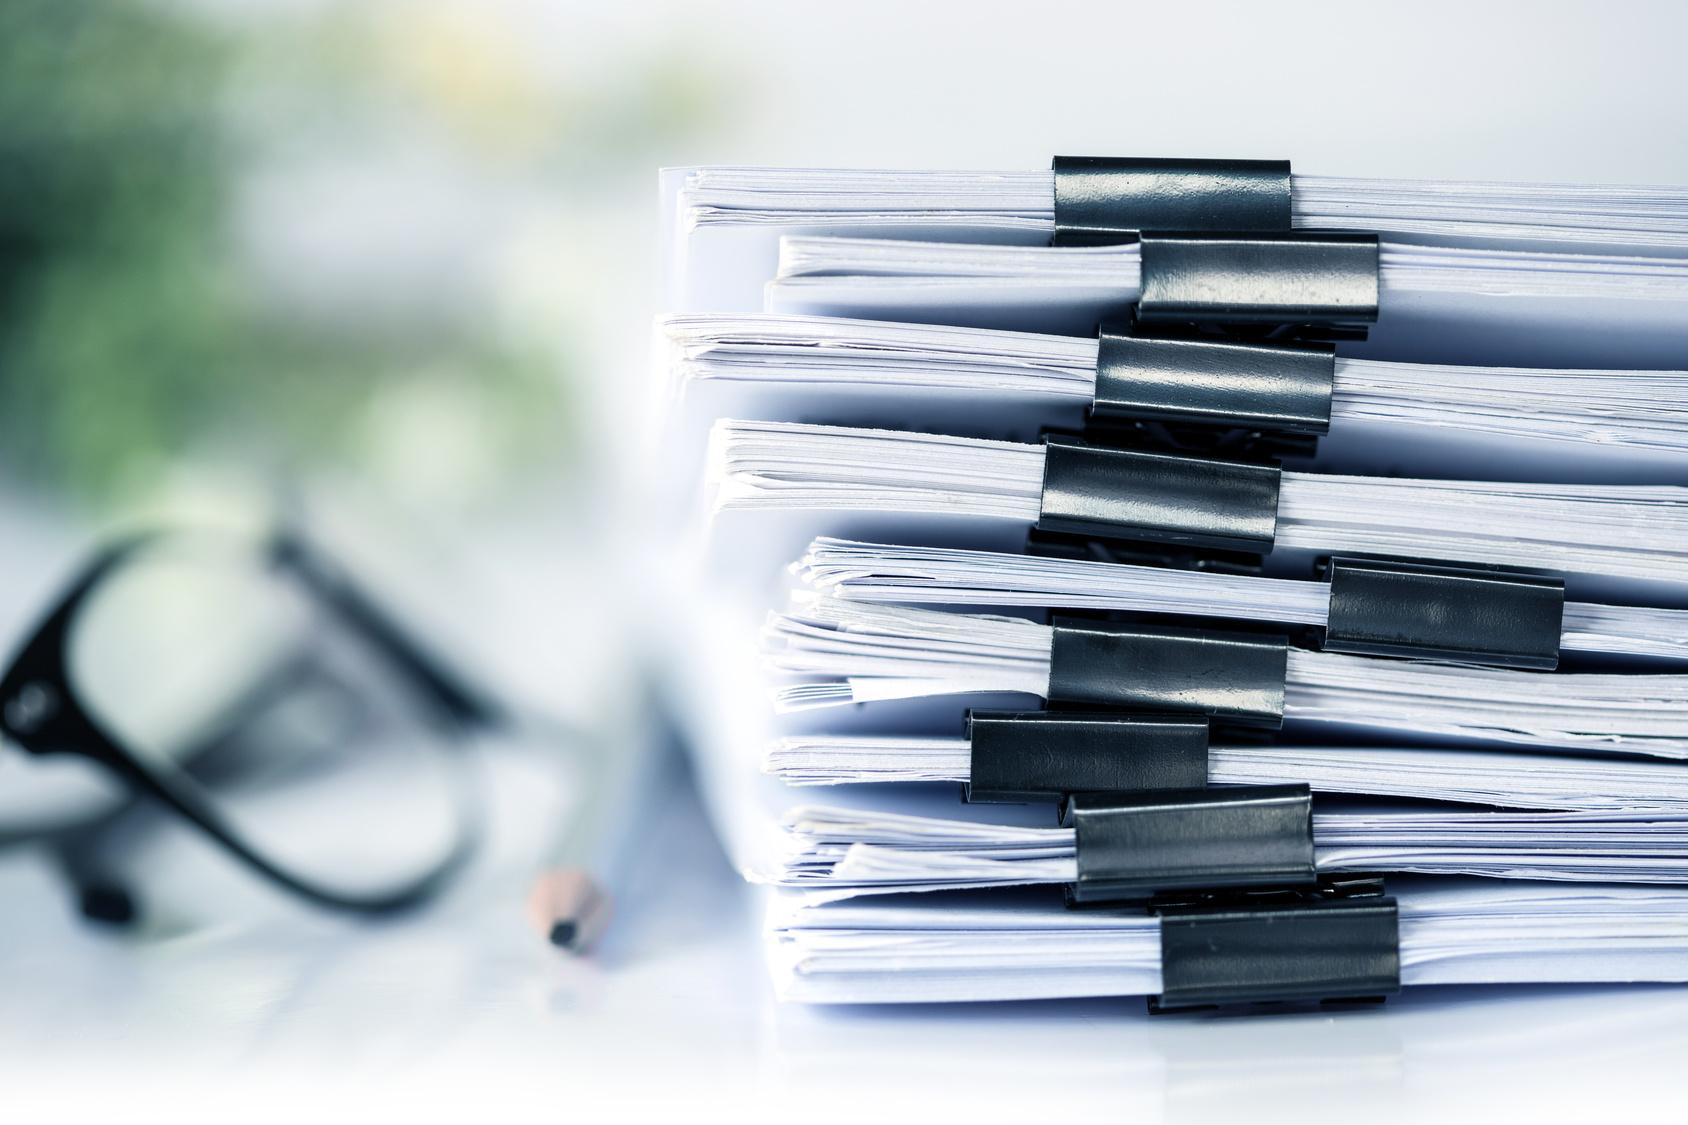 MF opublikowało objaśnienia dotyczące raportowania schematów podatkowych (MDR)